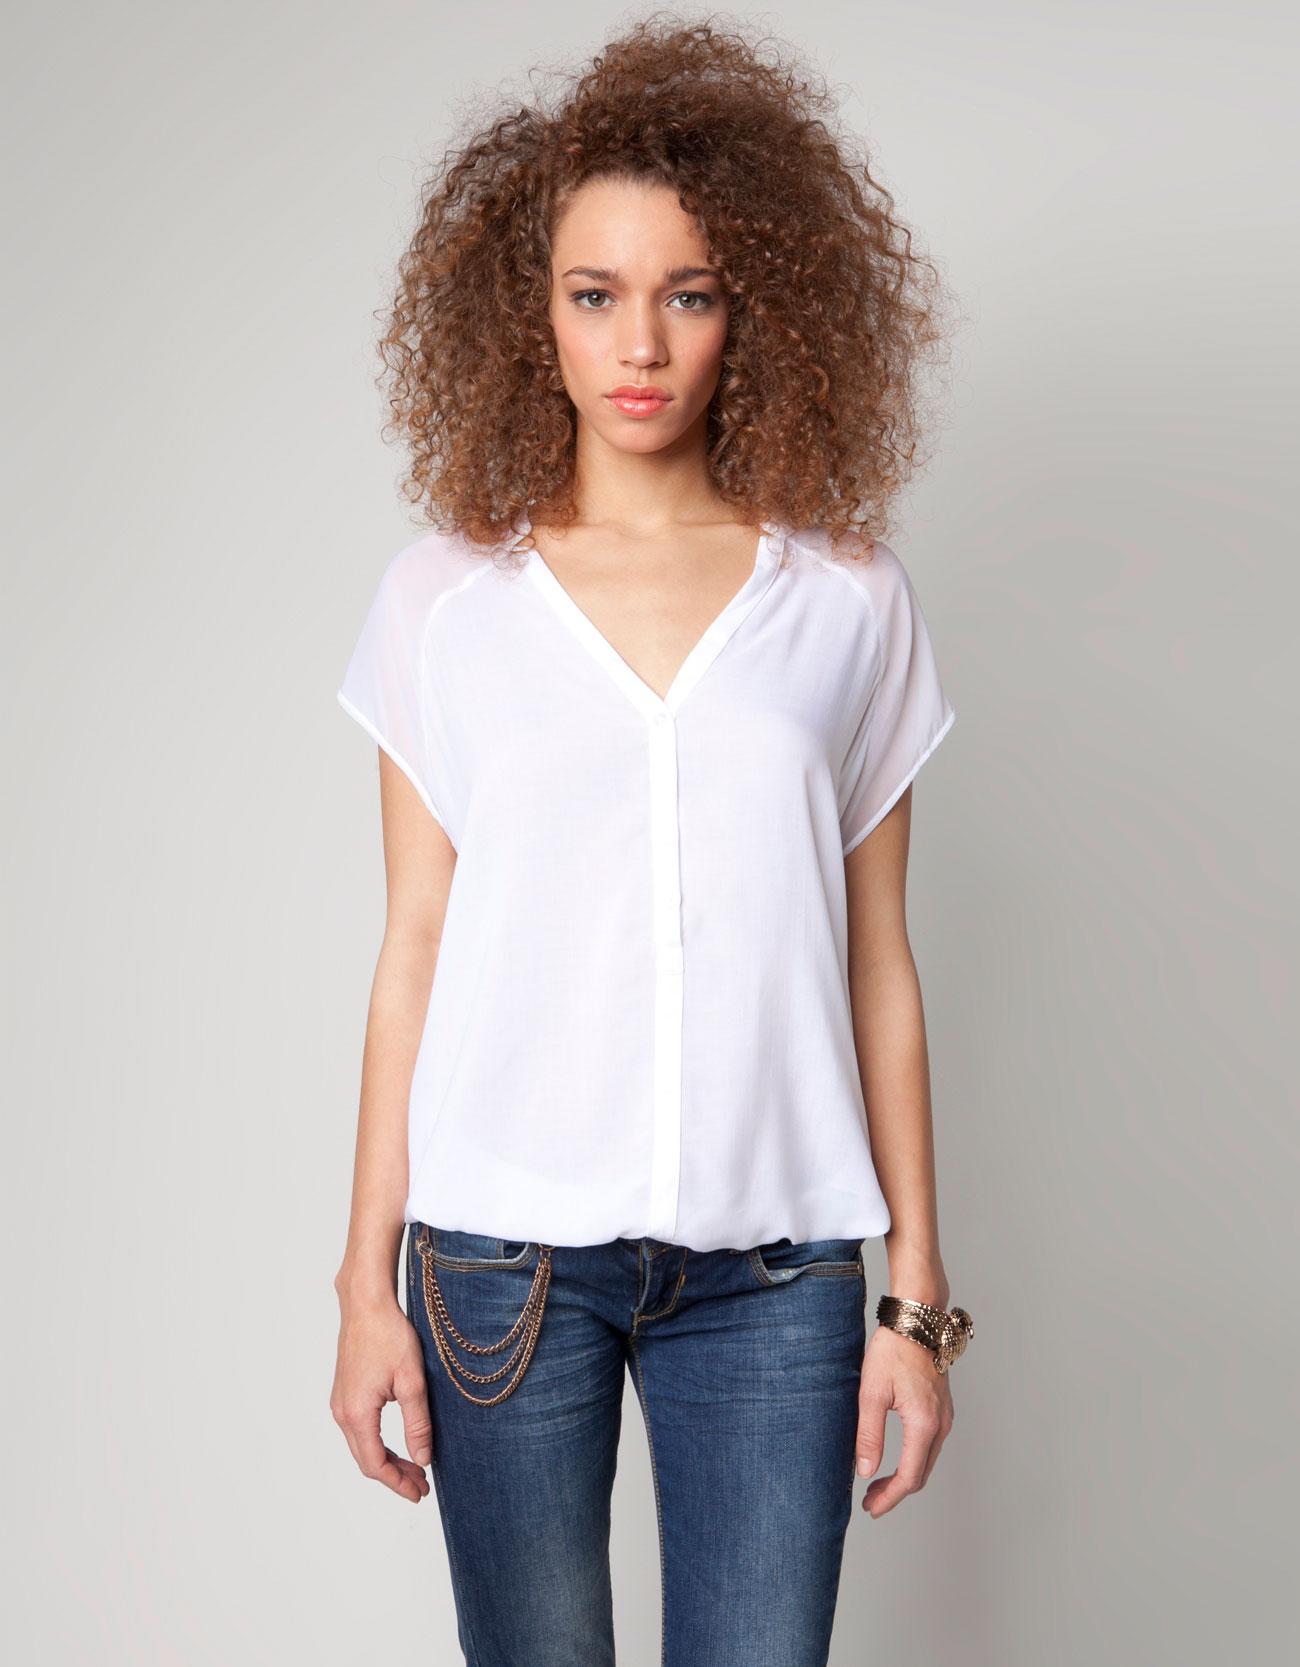 3dcbabf30b261 Estas camisas son de estilo juvenil para jóvenes.Este modelo de ropa  pertenece ...